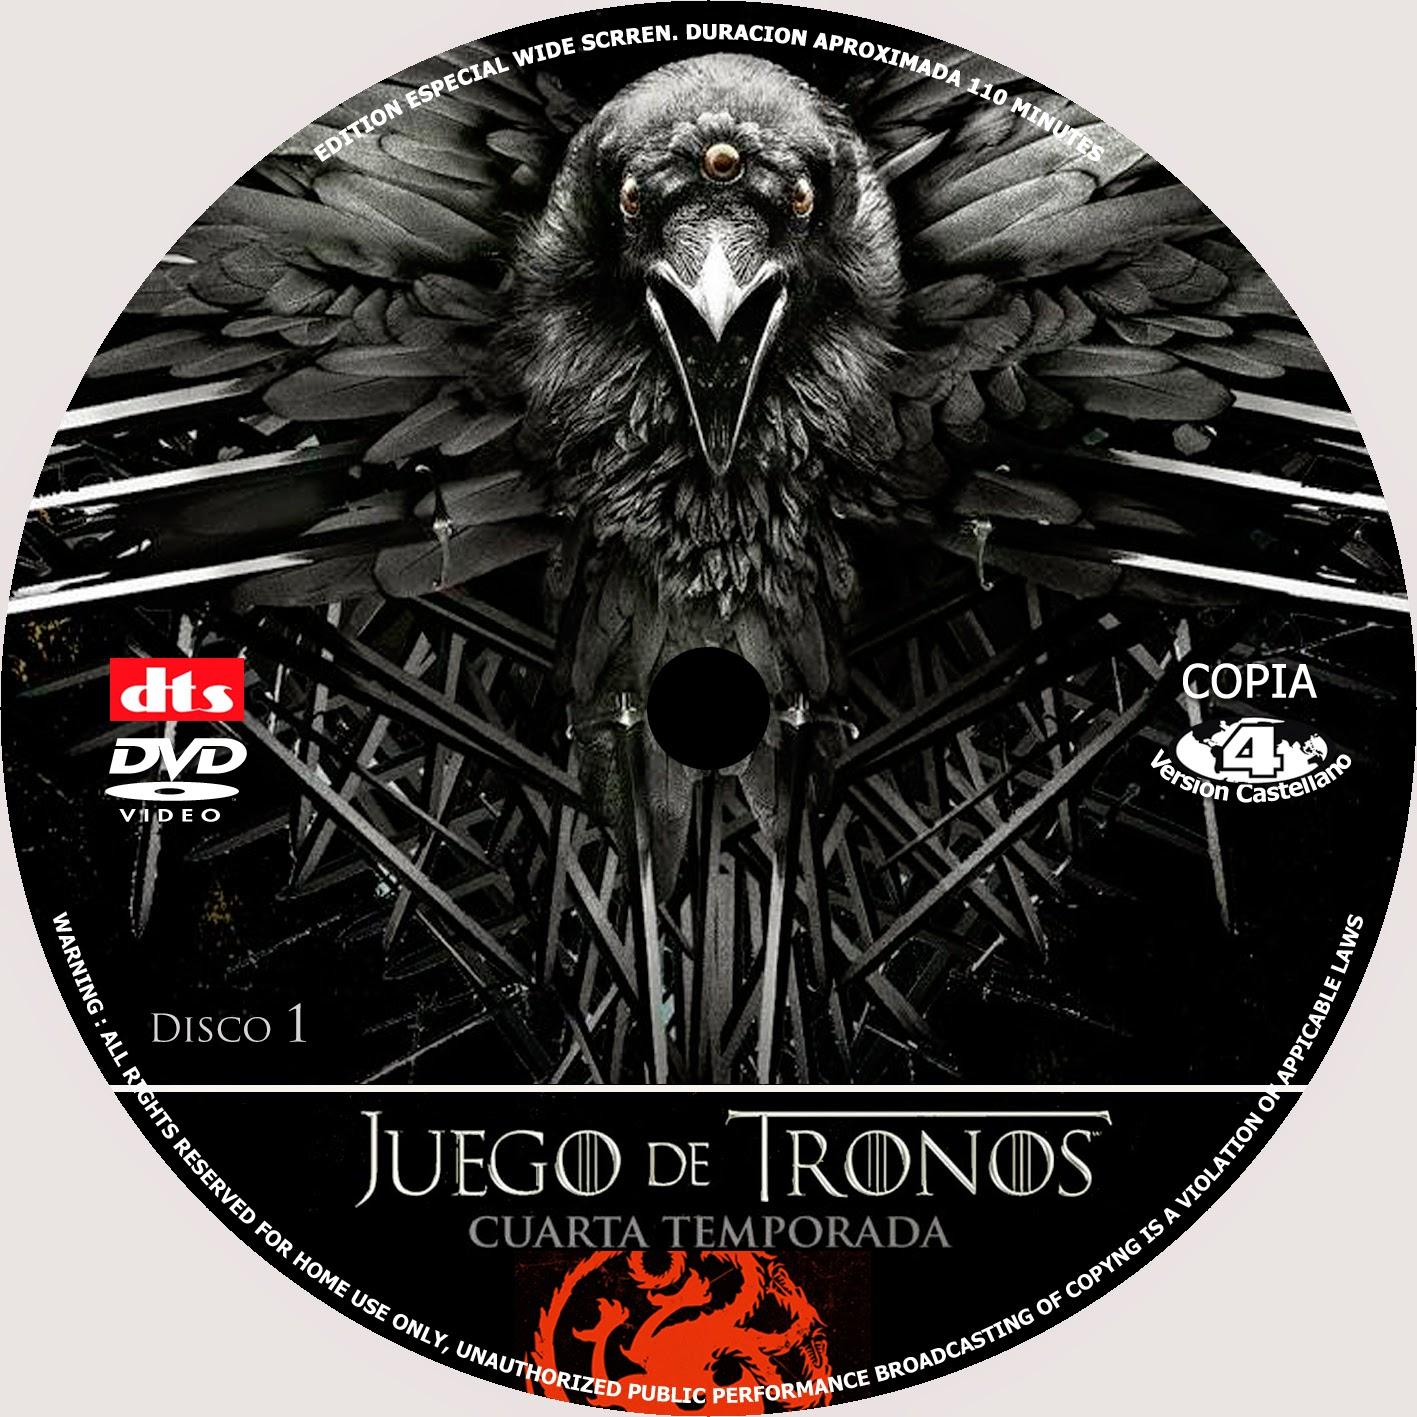 COVERCARATULAS DE DVD - CD COVERCREATORS: JUEGO DE TRONOS \